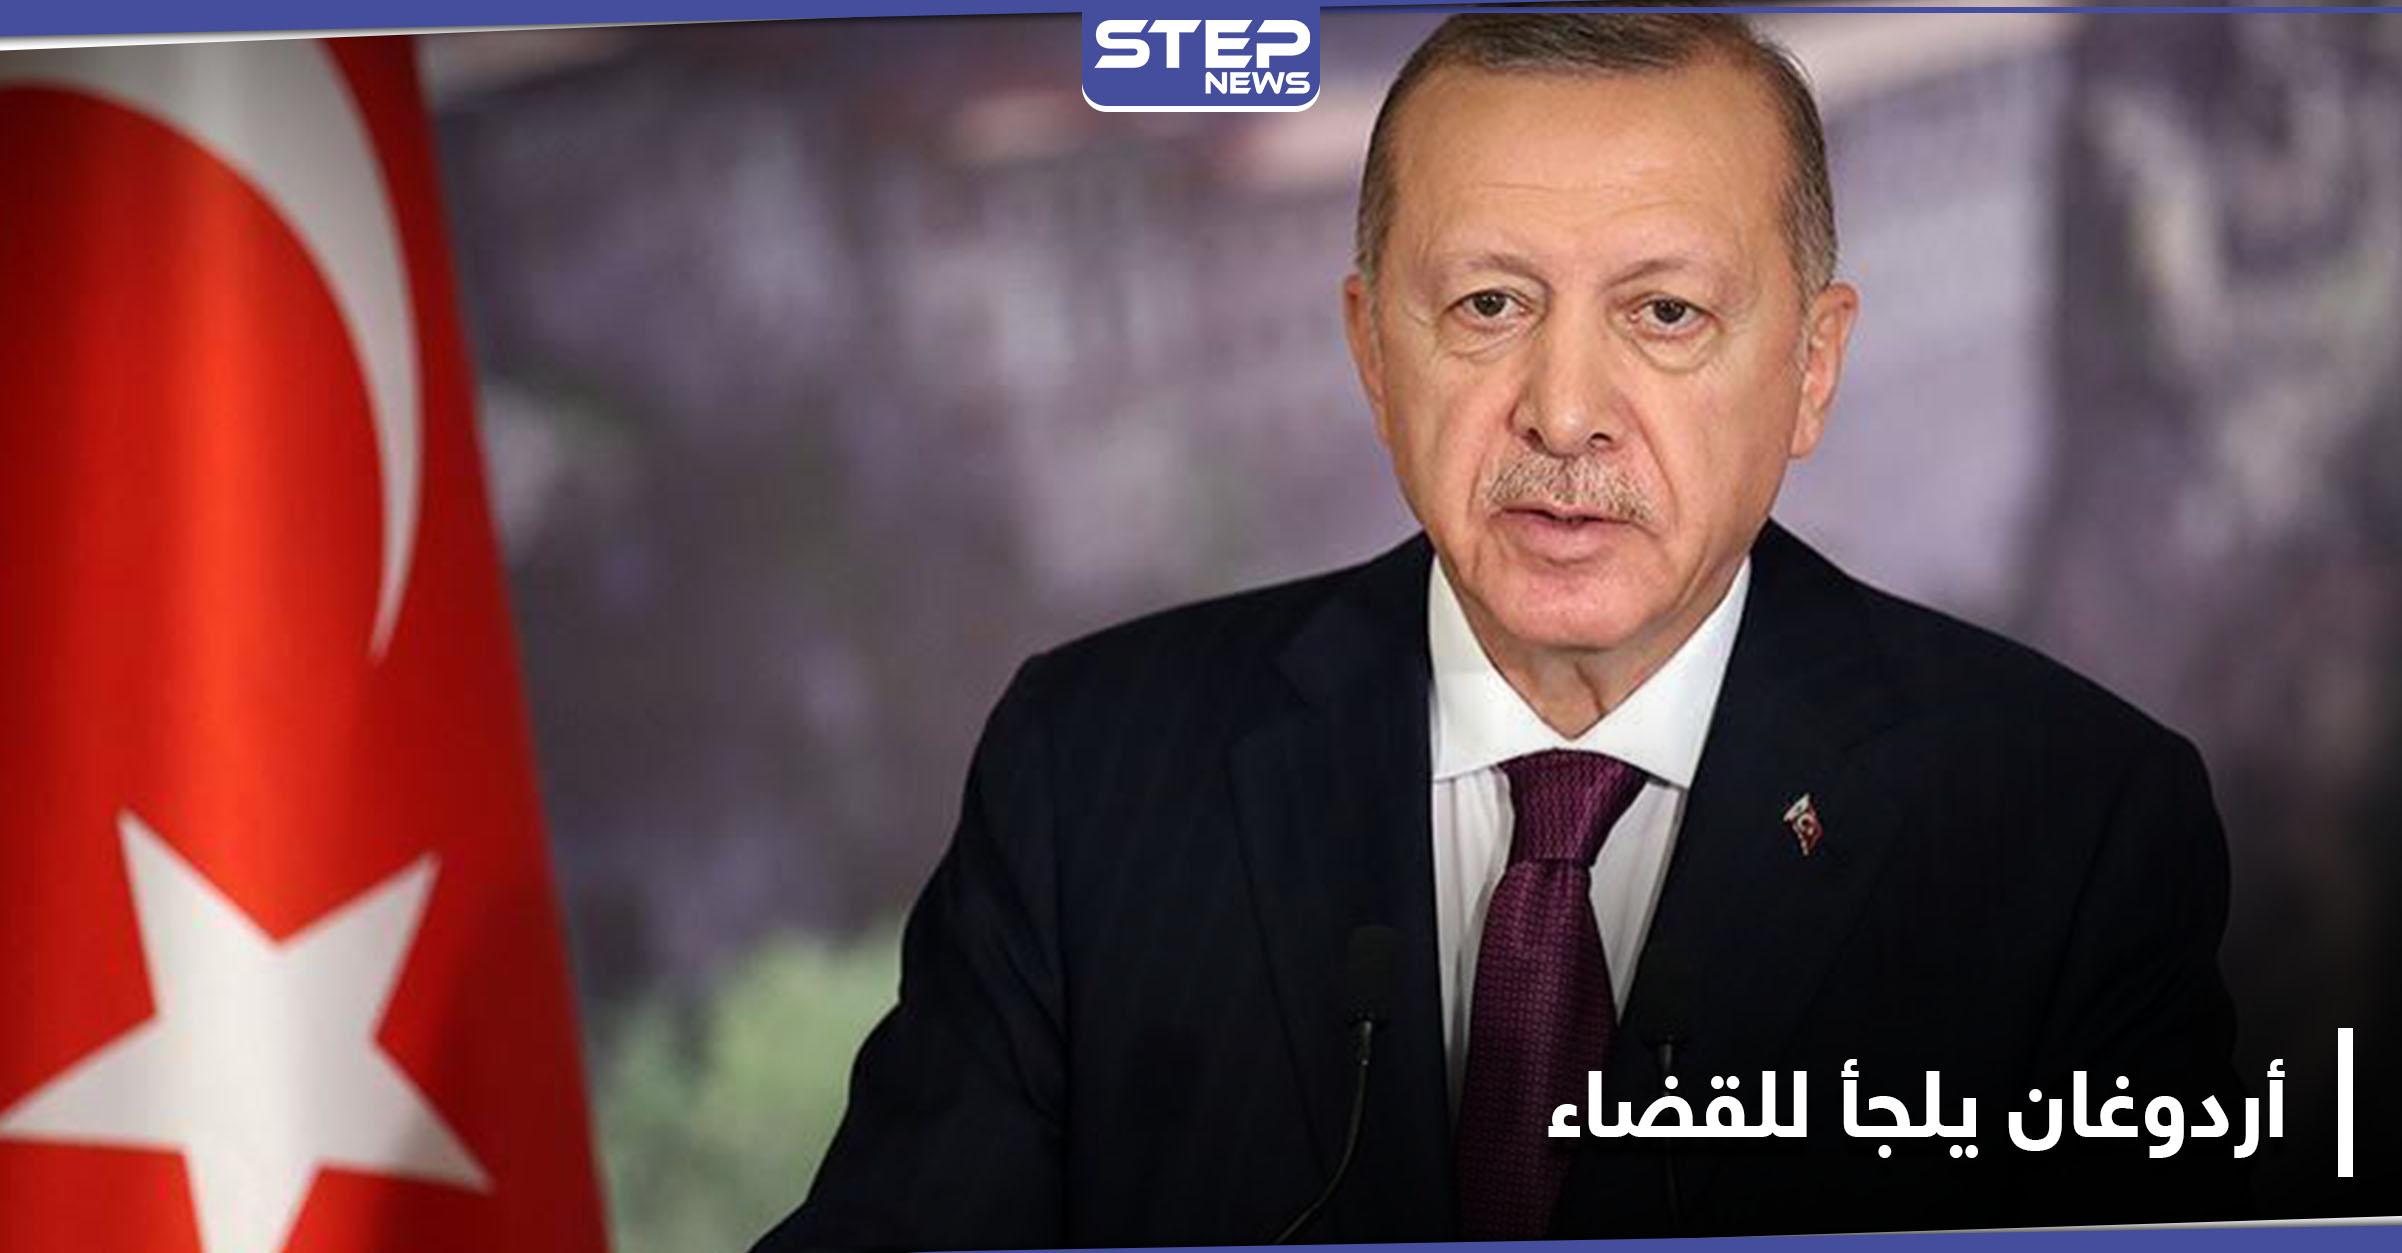 أردوغان يلجأ للقضاء ضد زعيم تركي معارض